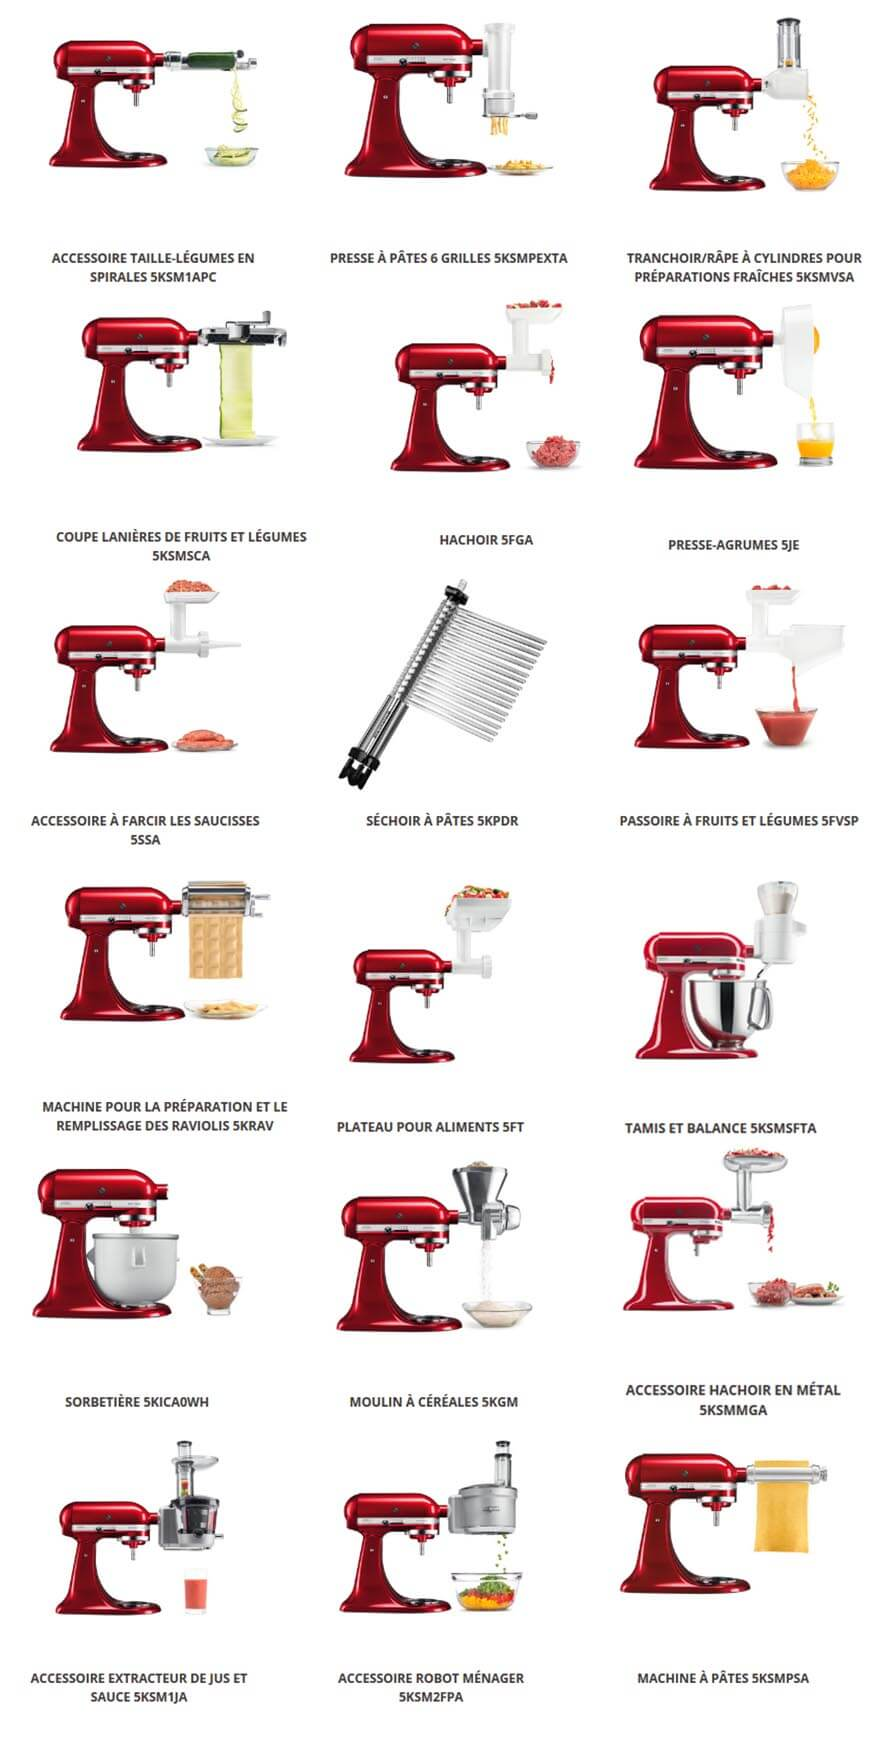 kitchenaid-artisan-tous les accessoires culinaires